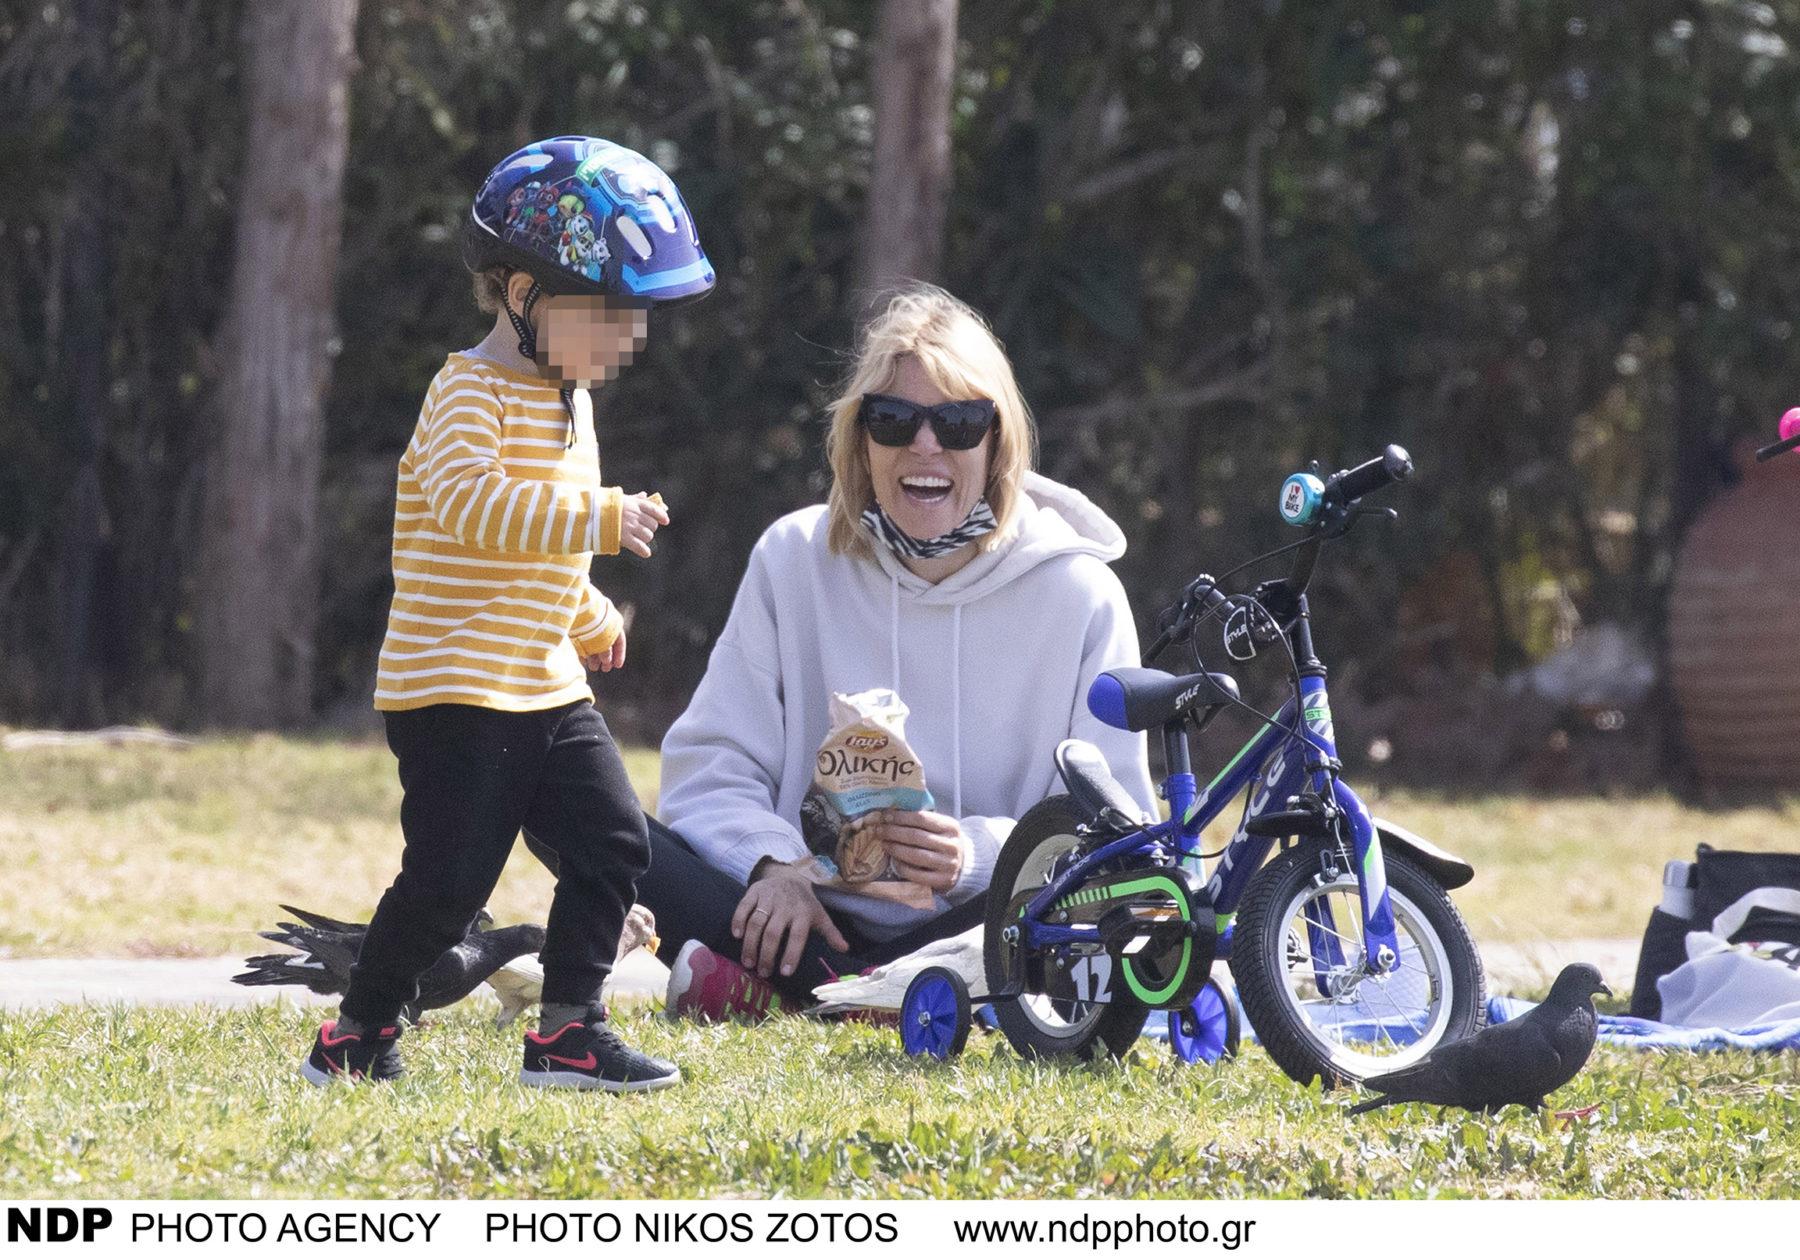 Βίκυ Καγιά: παιχνίδια με τον γιο της Κάρολο στη Βουλιαγμένη (φωτογραφίες)